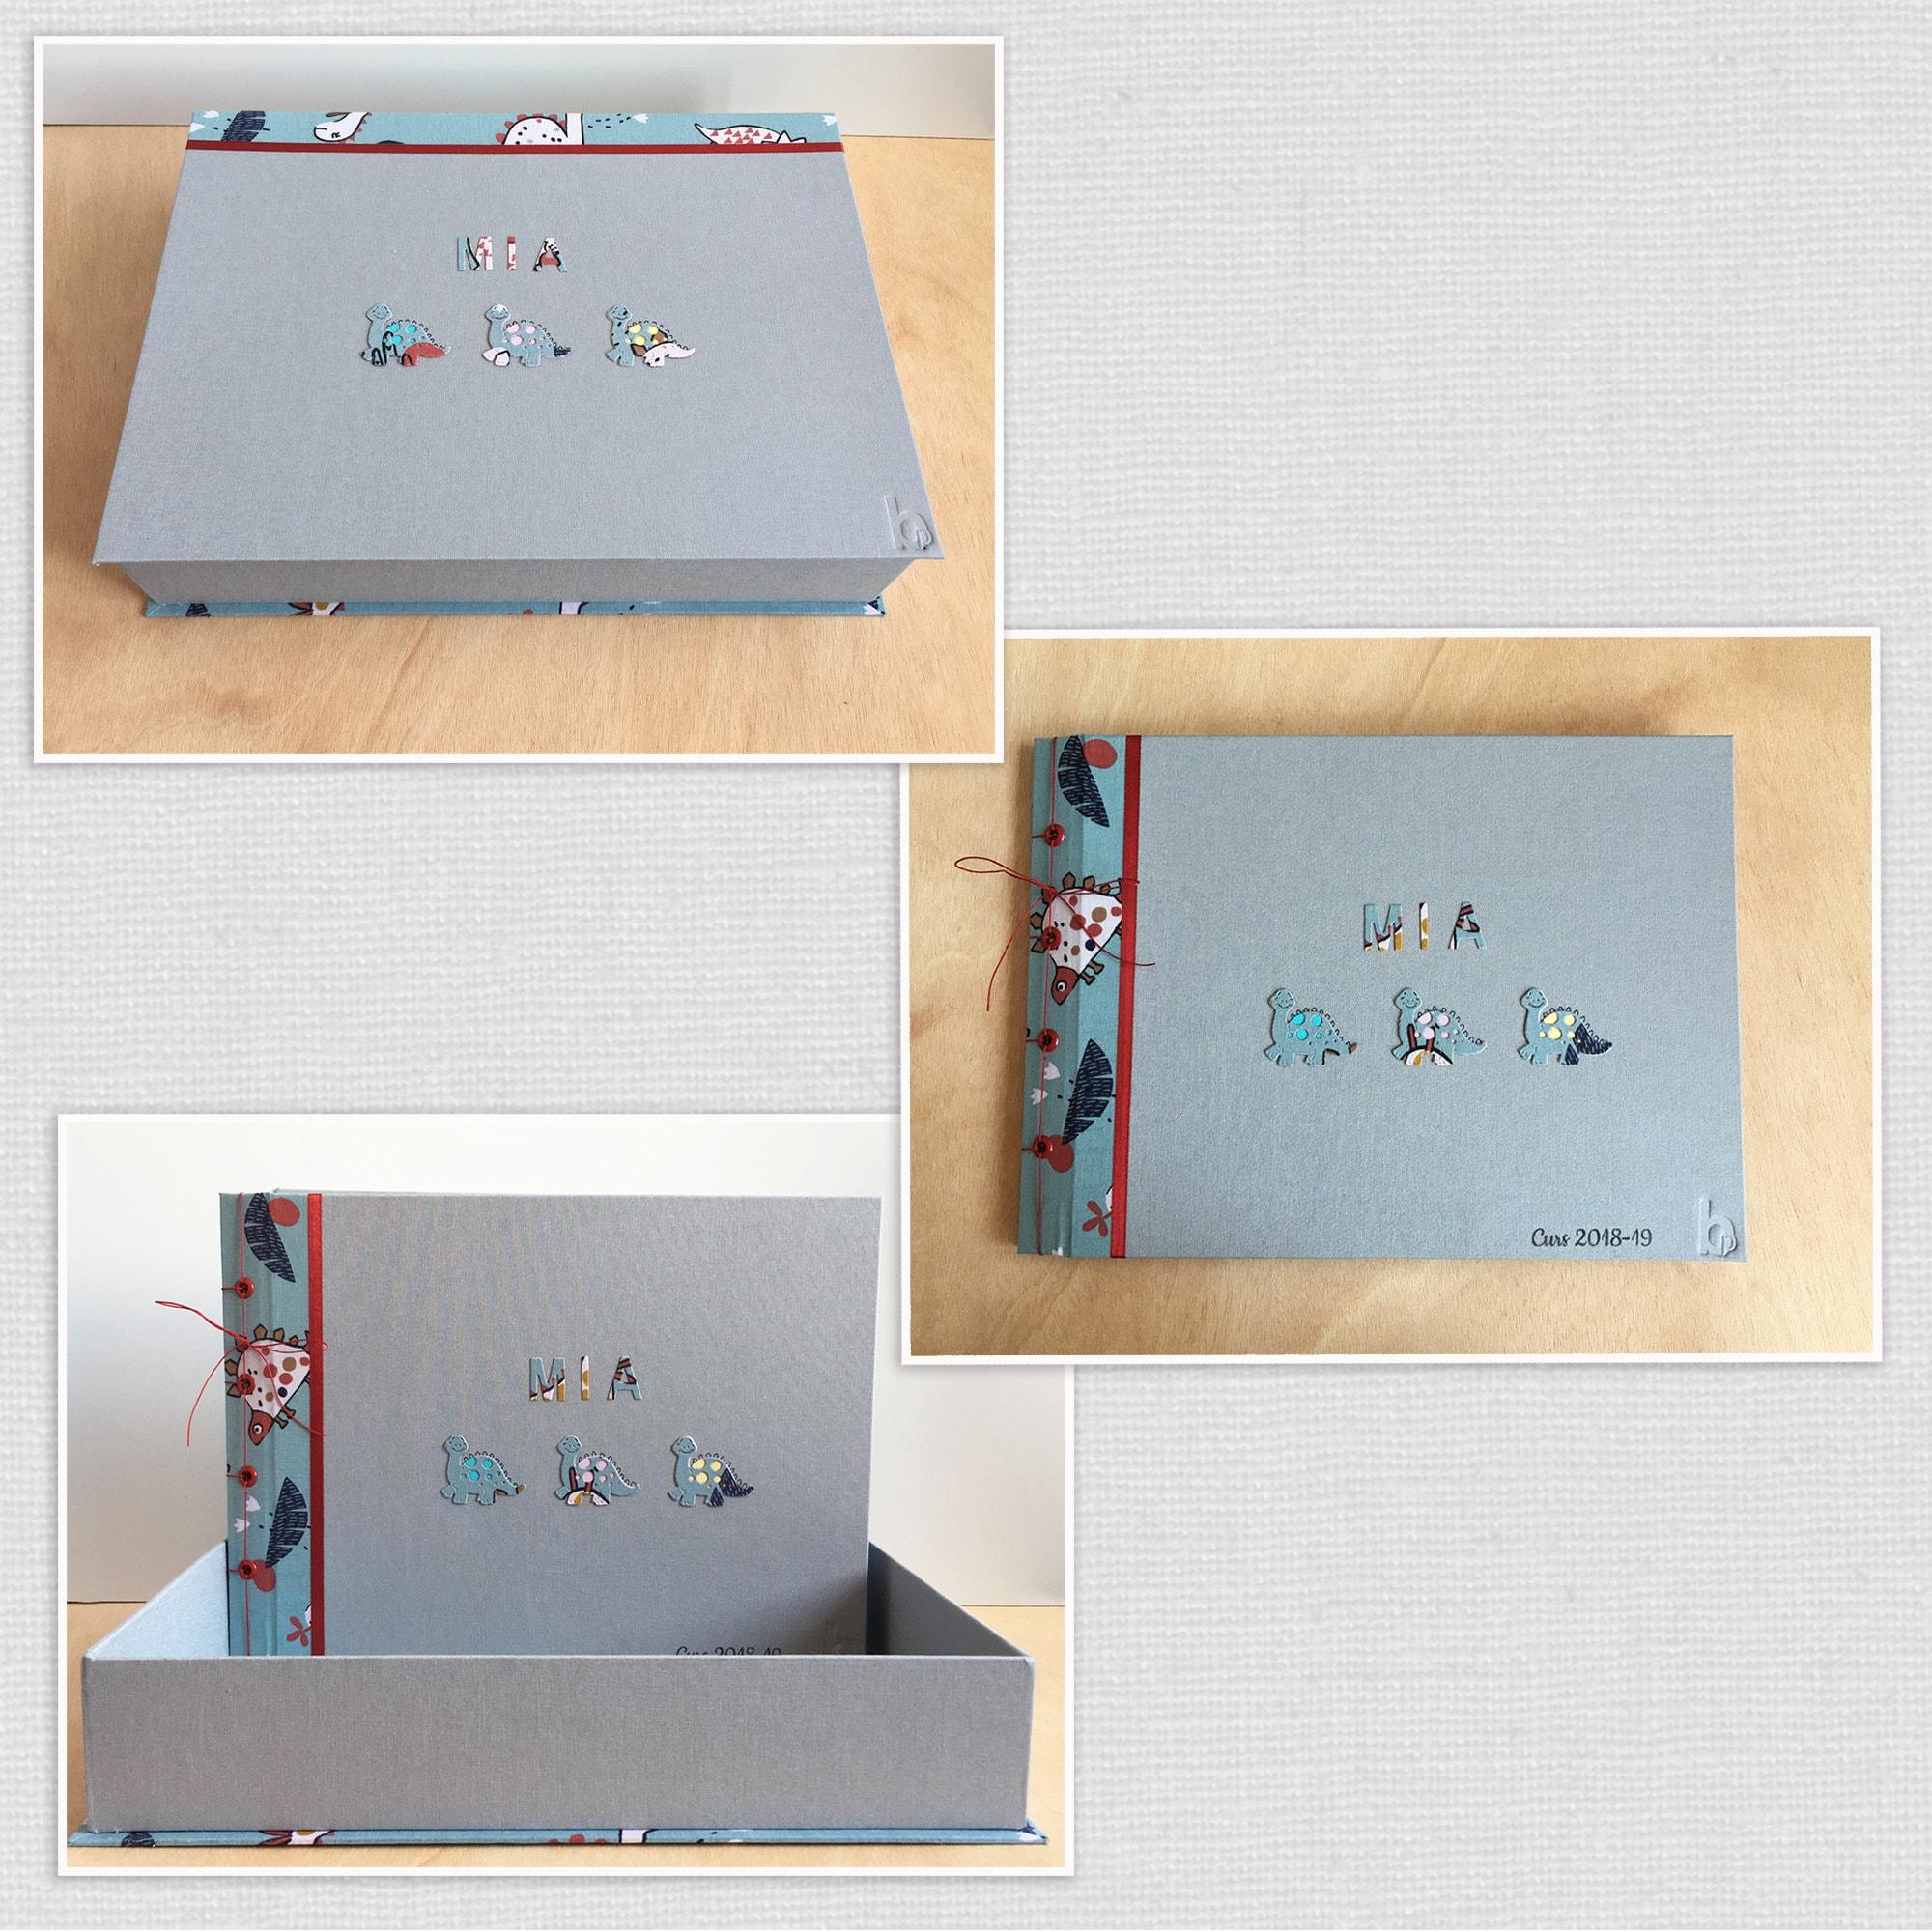 Imagen de un album que en su interior hay los dibujos de los alumnos